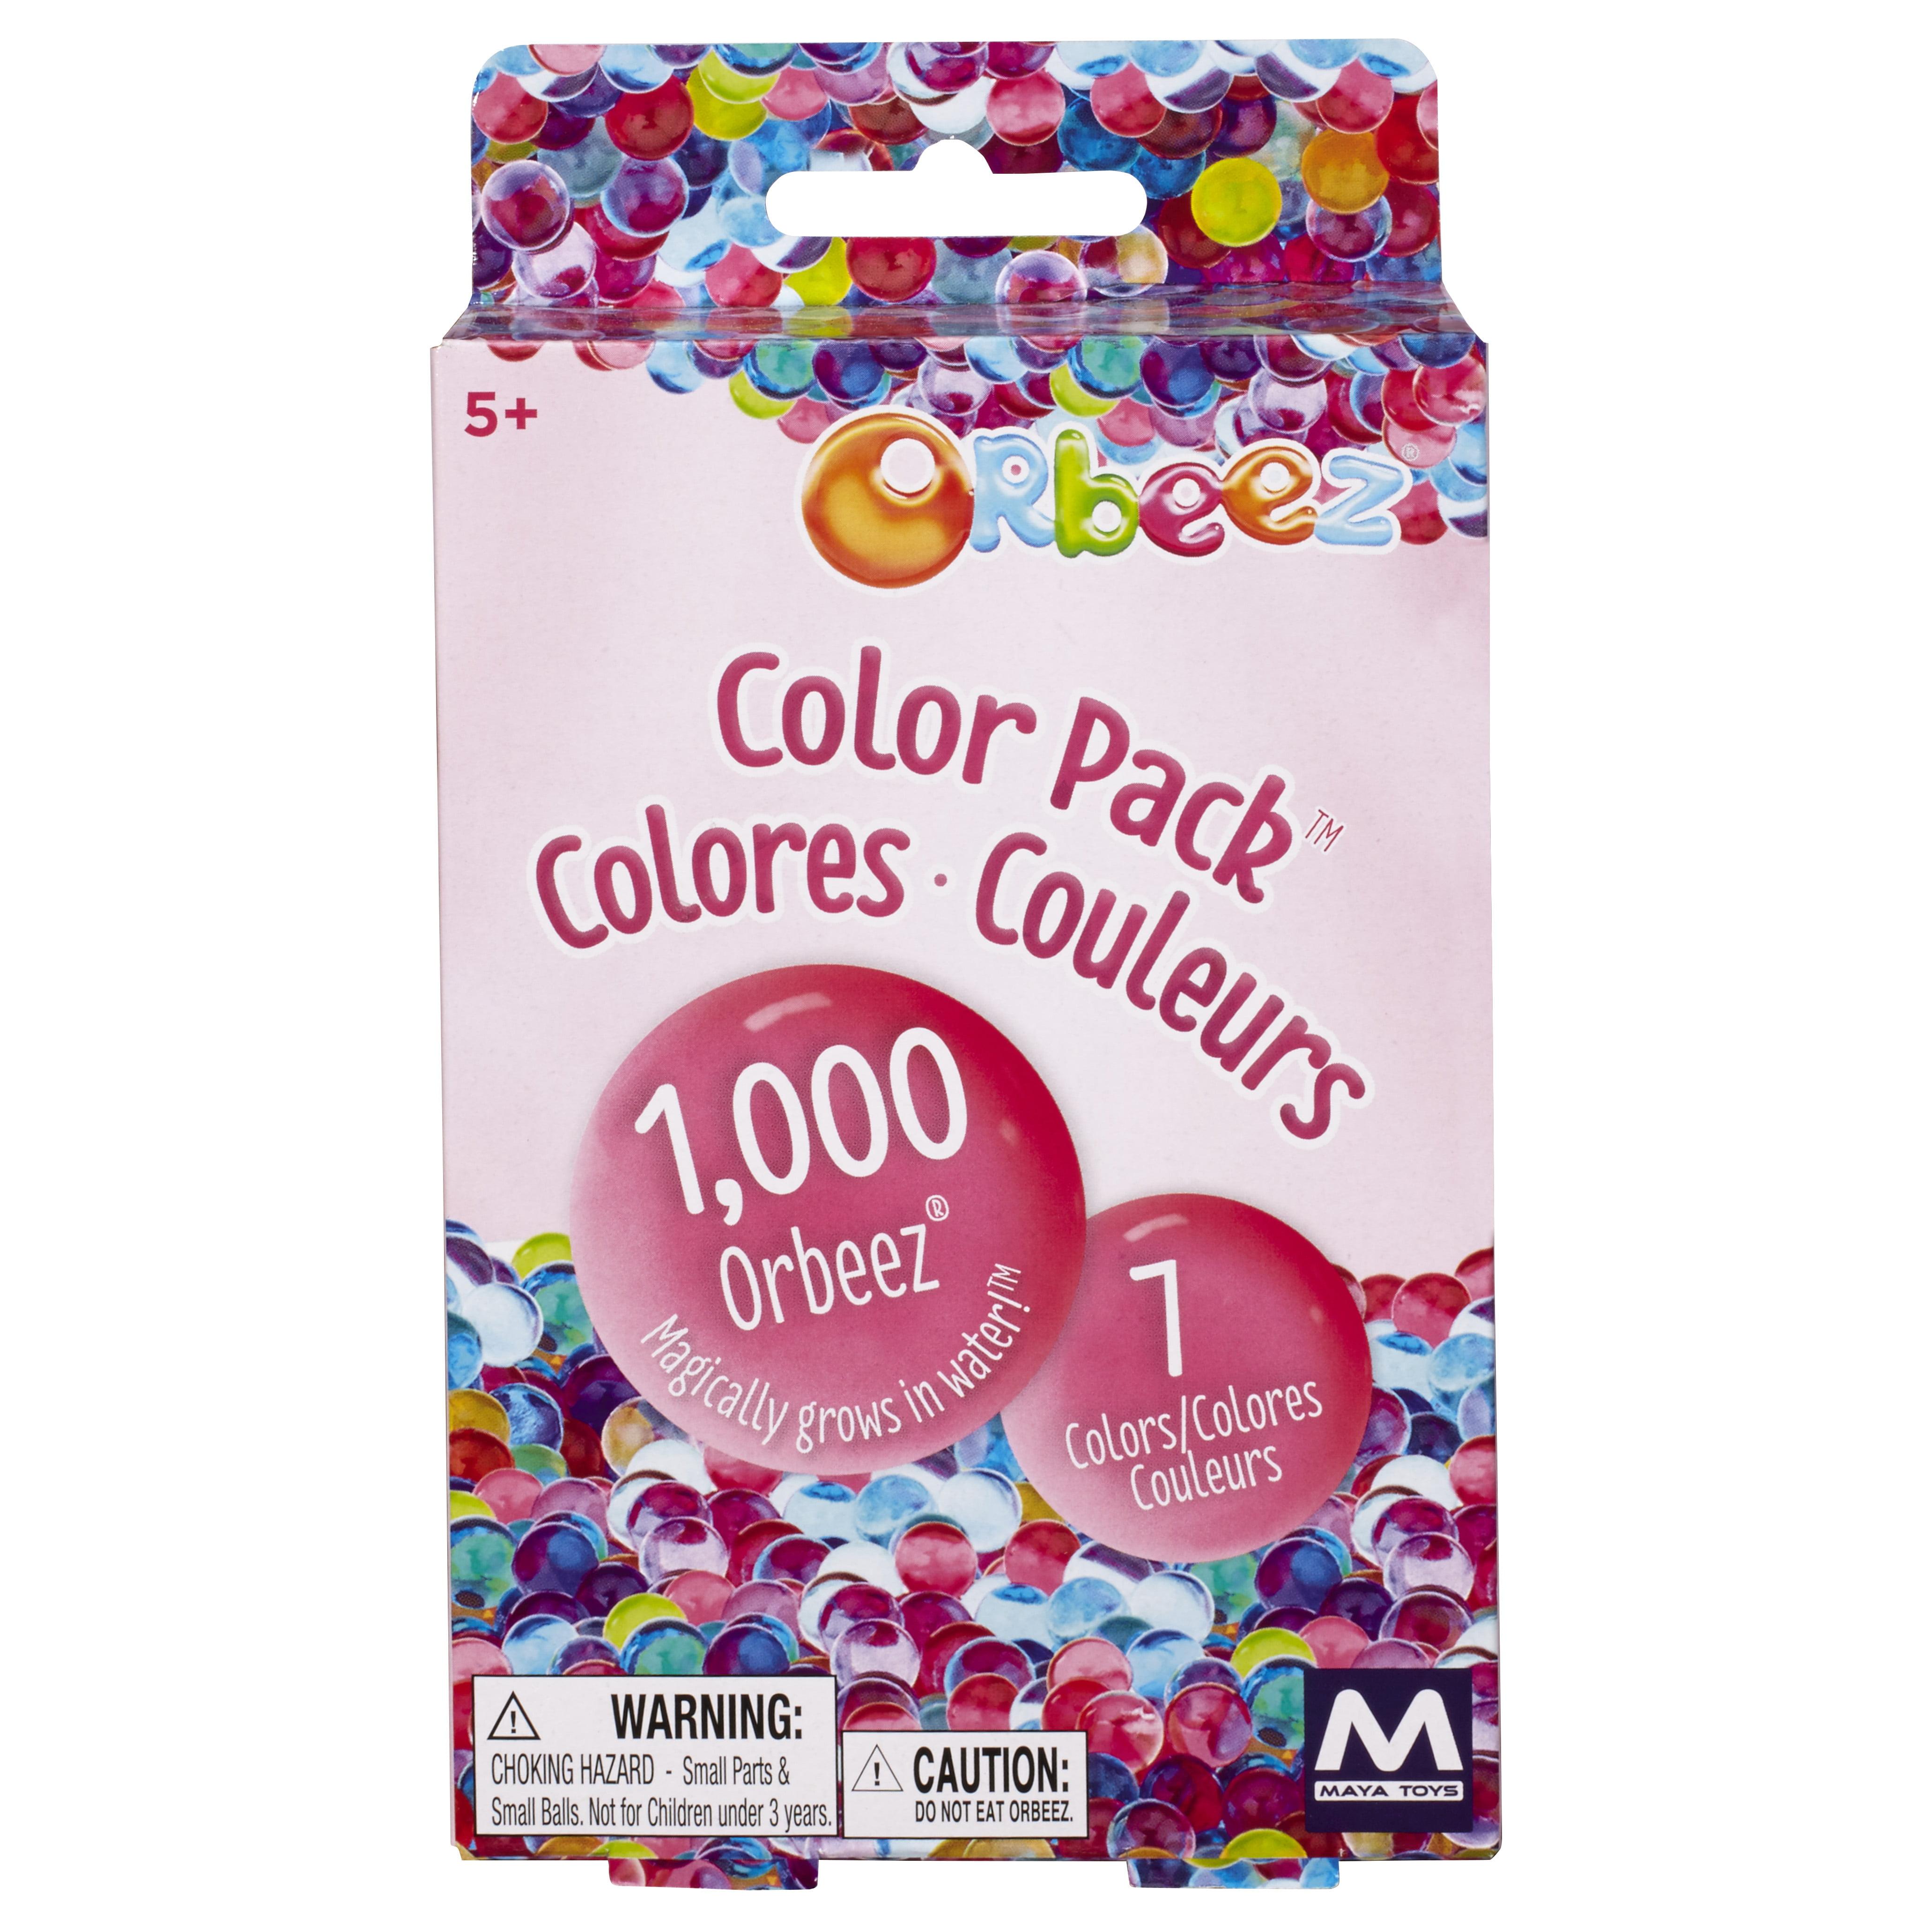 Orbeez Color Pack - Walmart.com